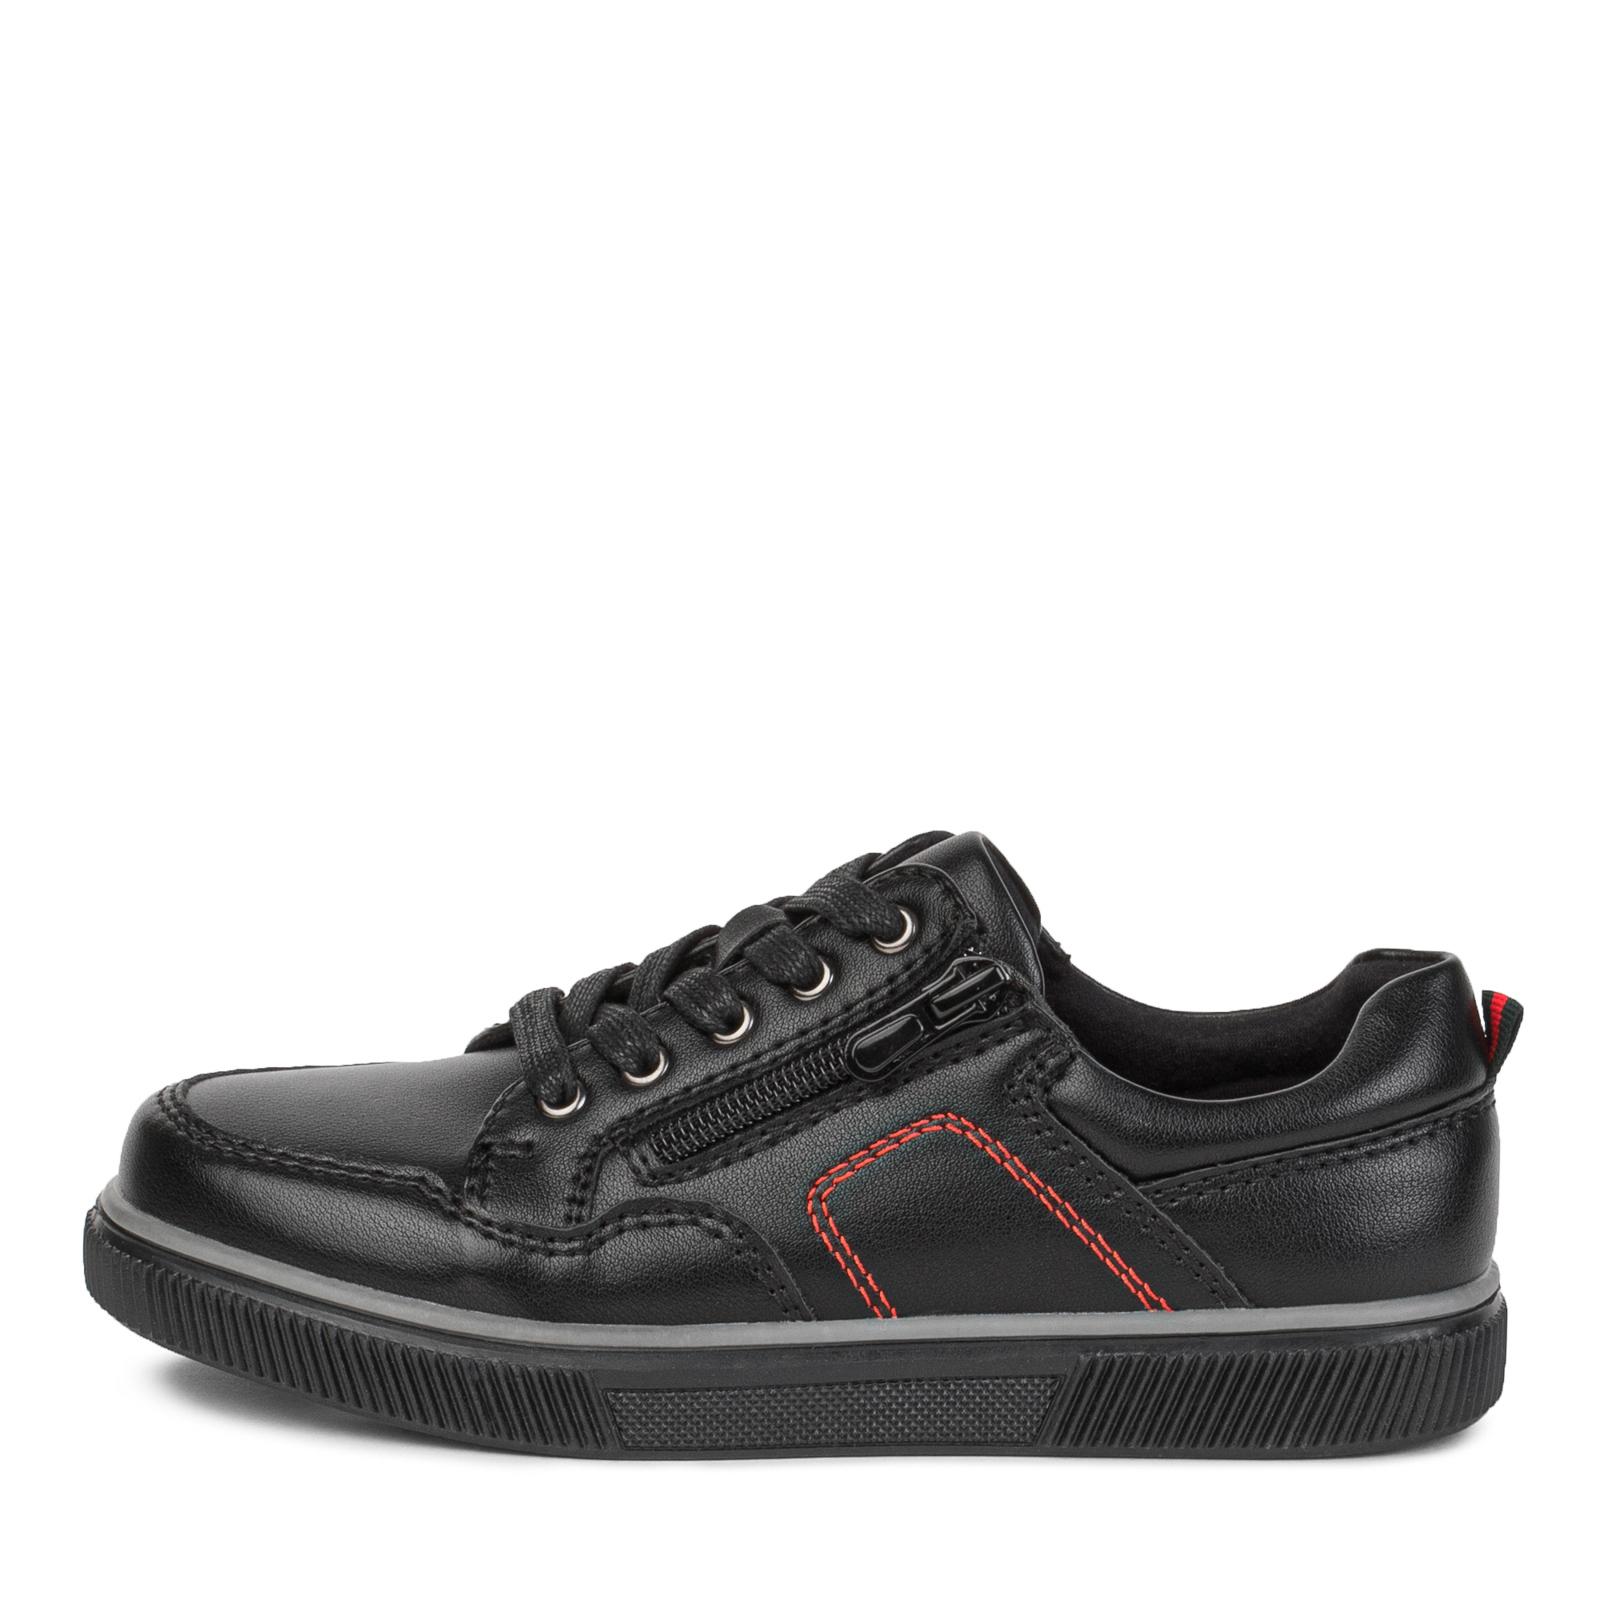 Обувь для мальчиков MUNZ YOUNG 174-030A-2602